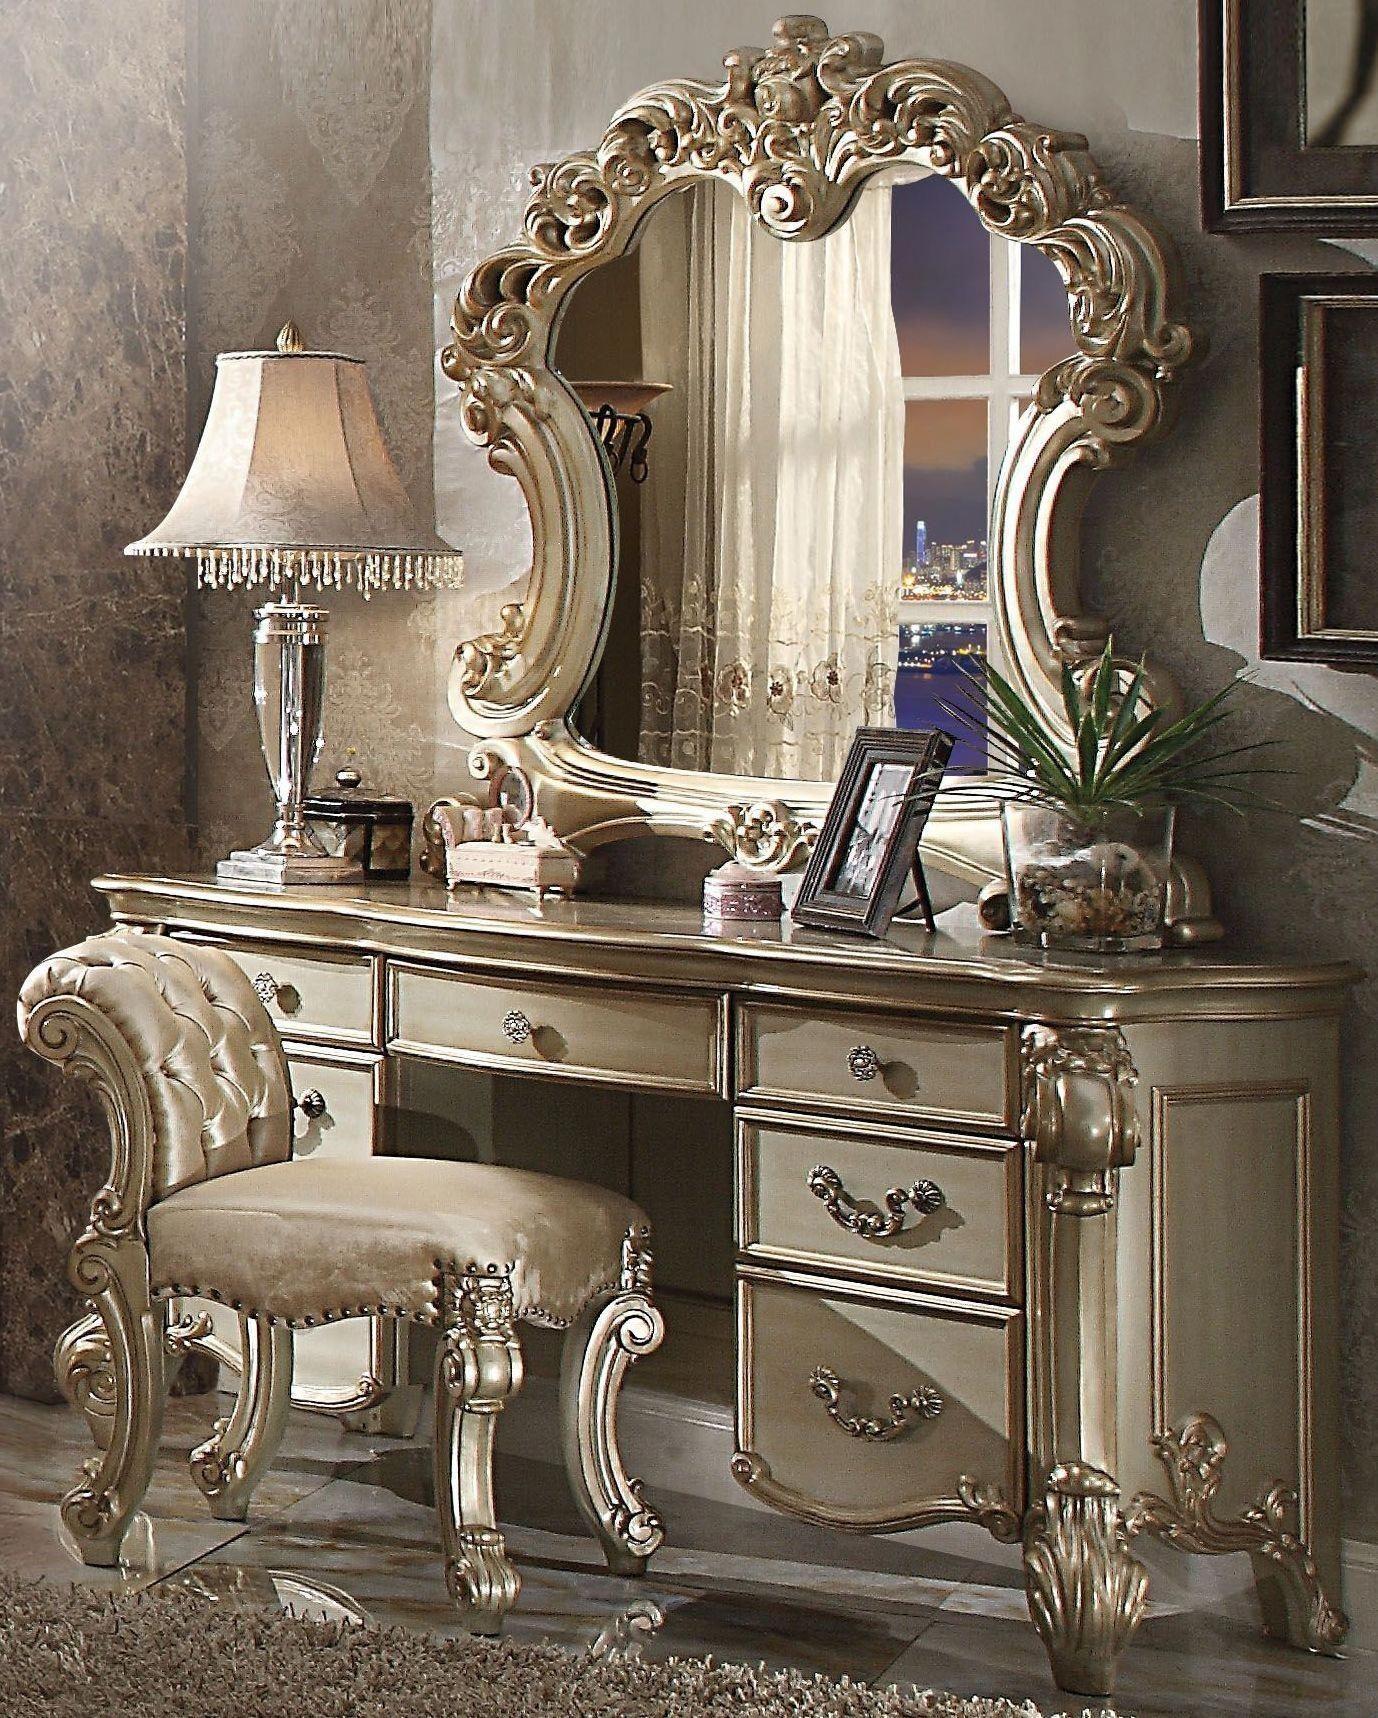 Mobilier De Luxe Chambre Decorationdesalonglam Relooking De Mobilier Mobilier De Salon Deco Entree Maison